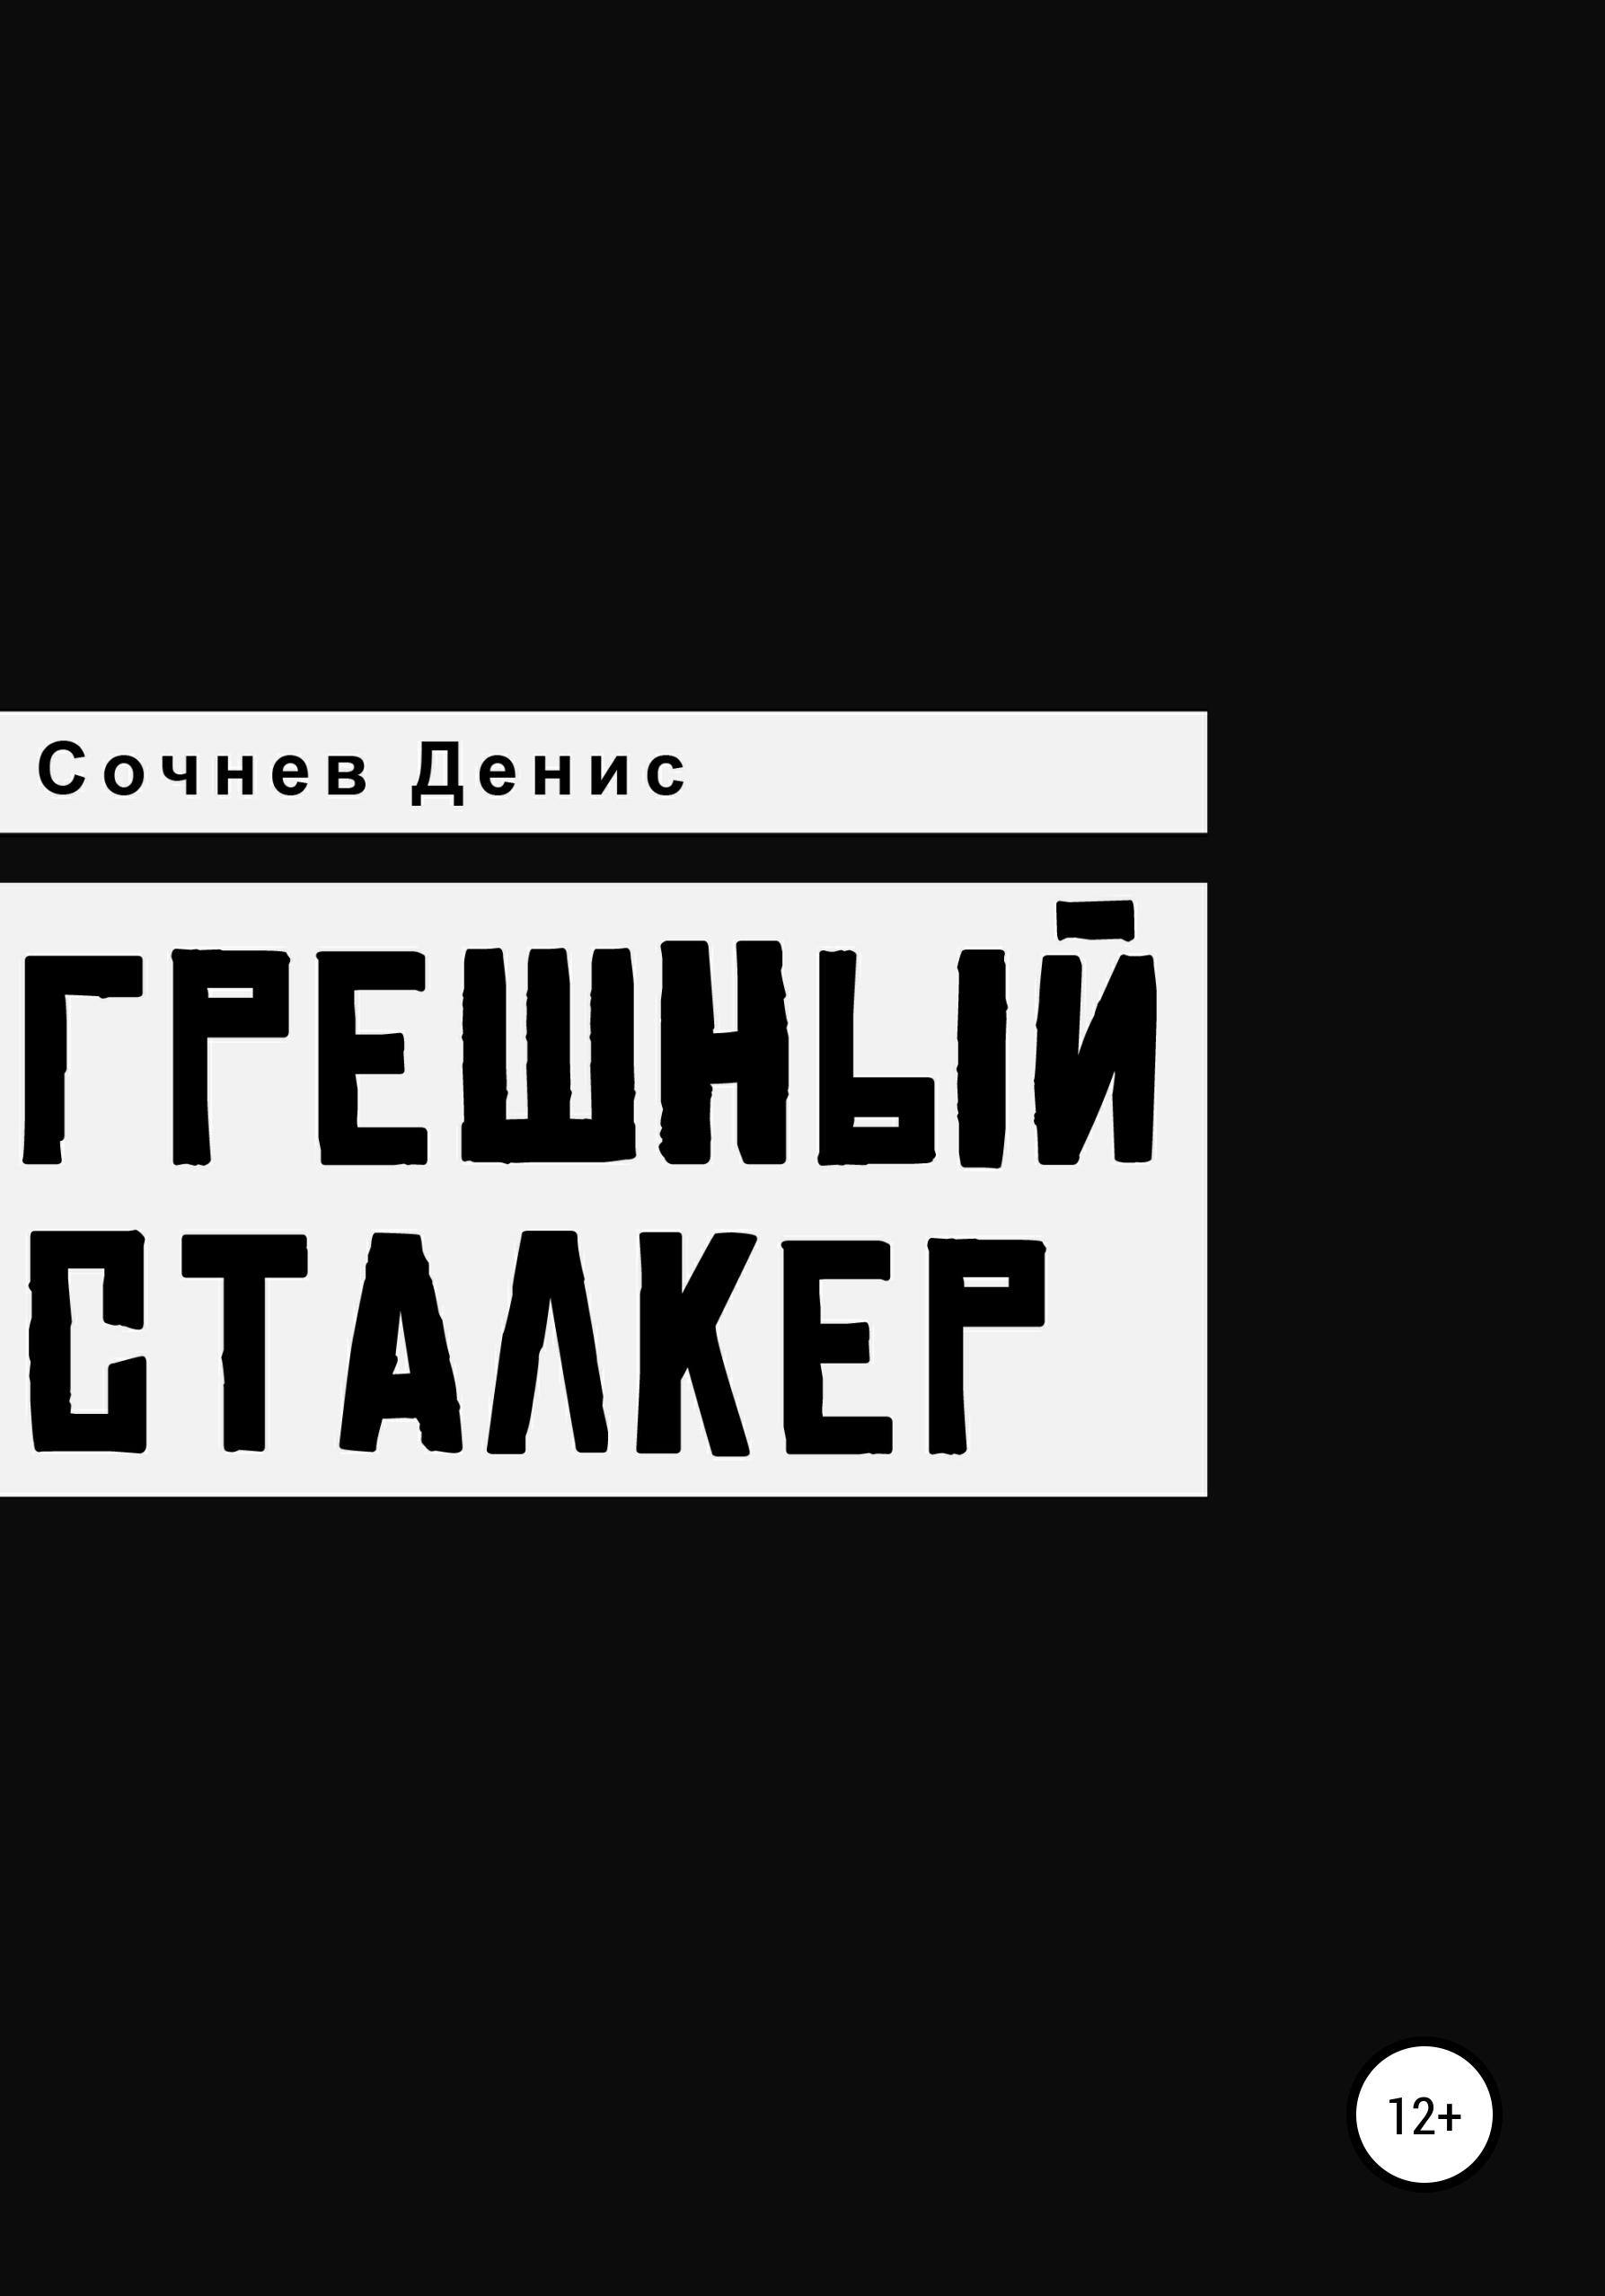 Денис Константинович Сочнев Грешный Сталкер найт рени все совпадения случайны